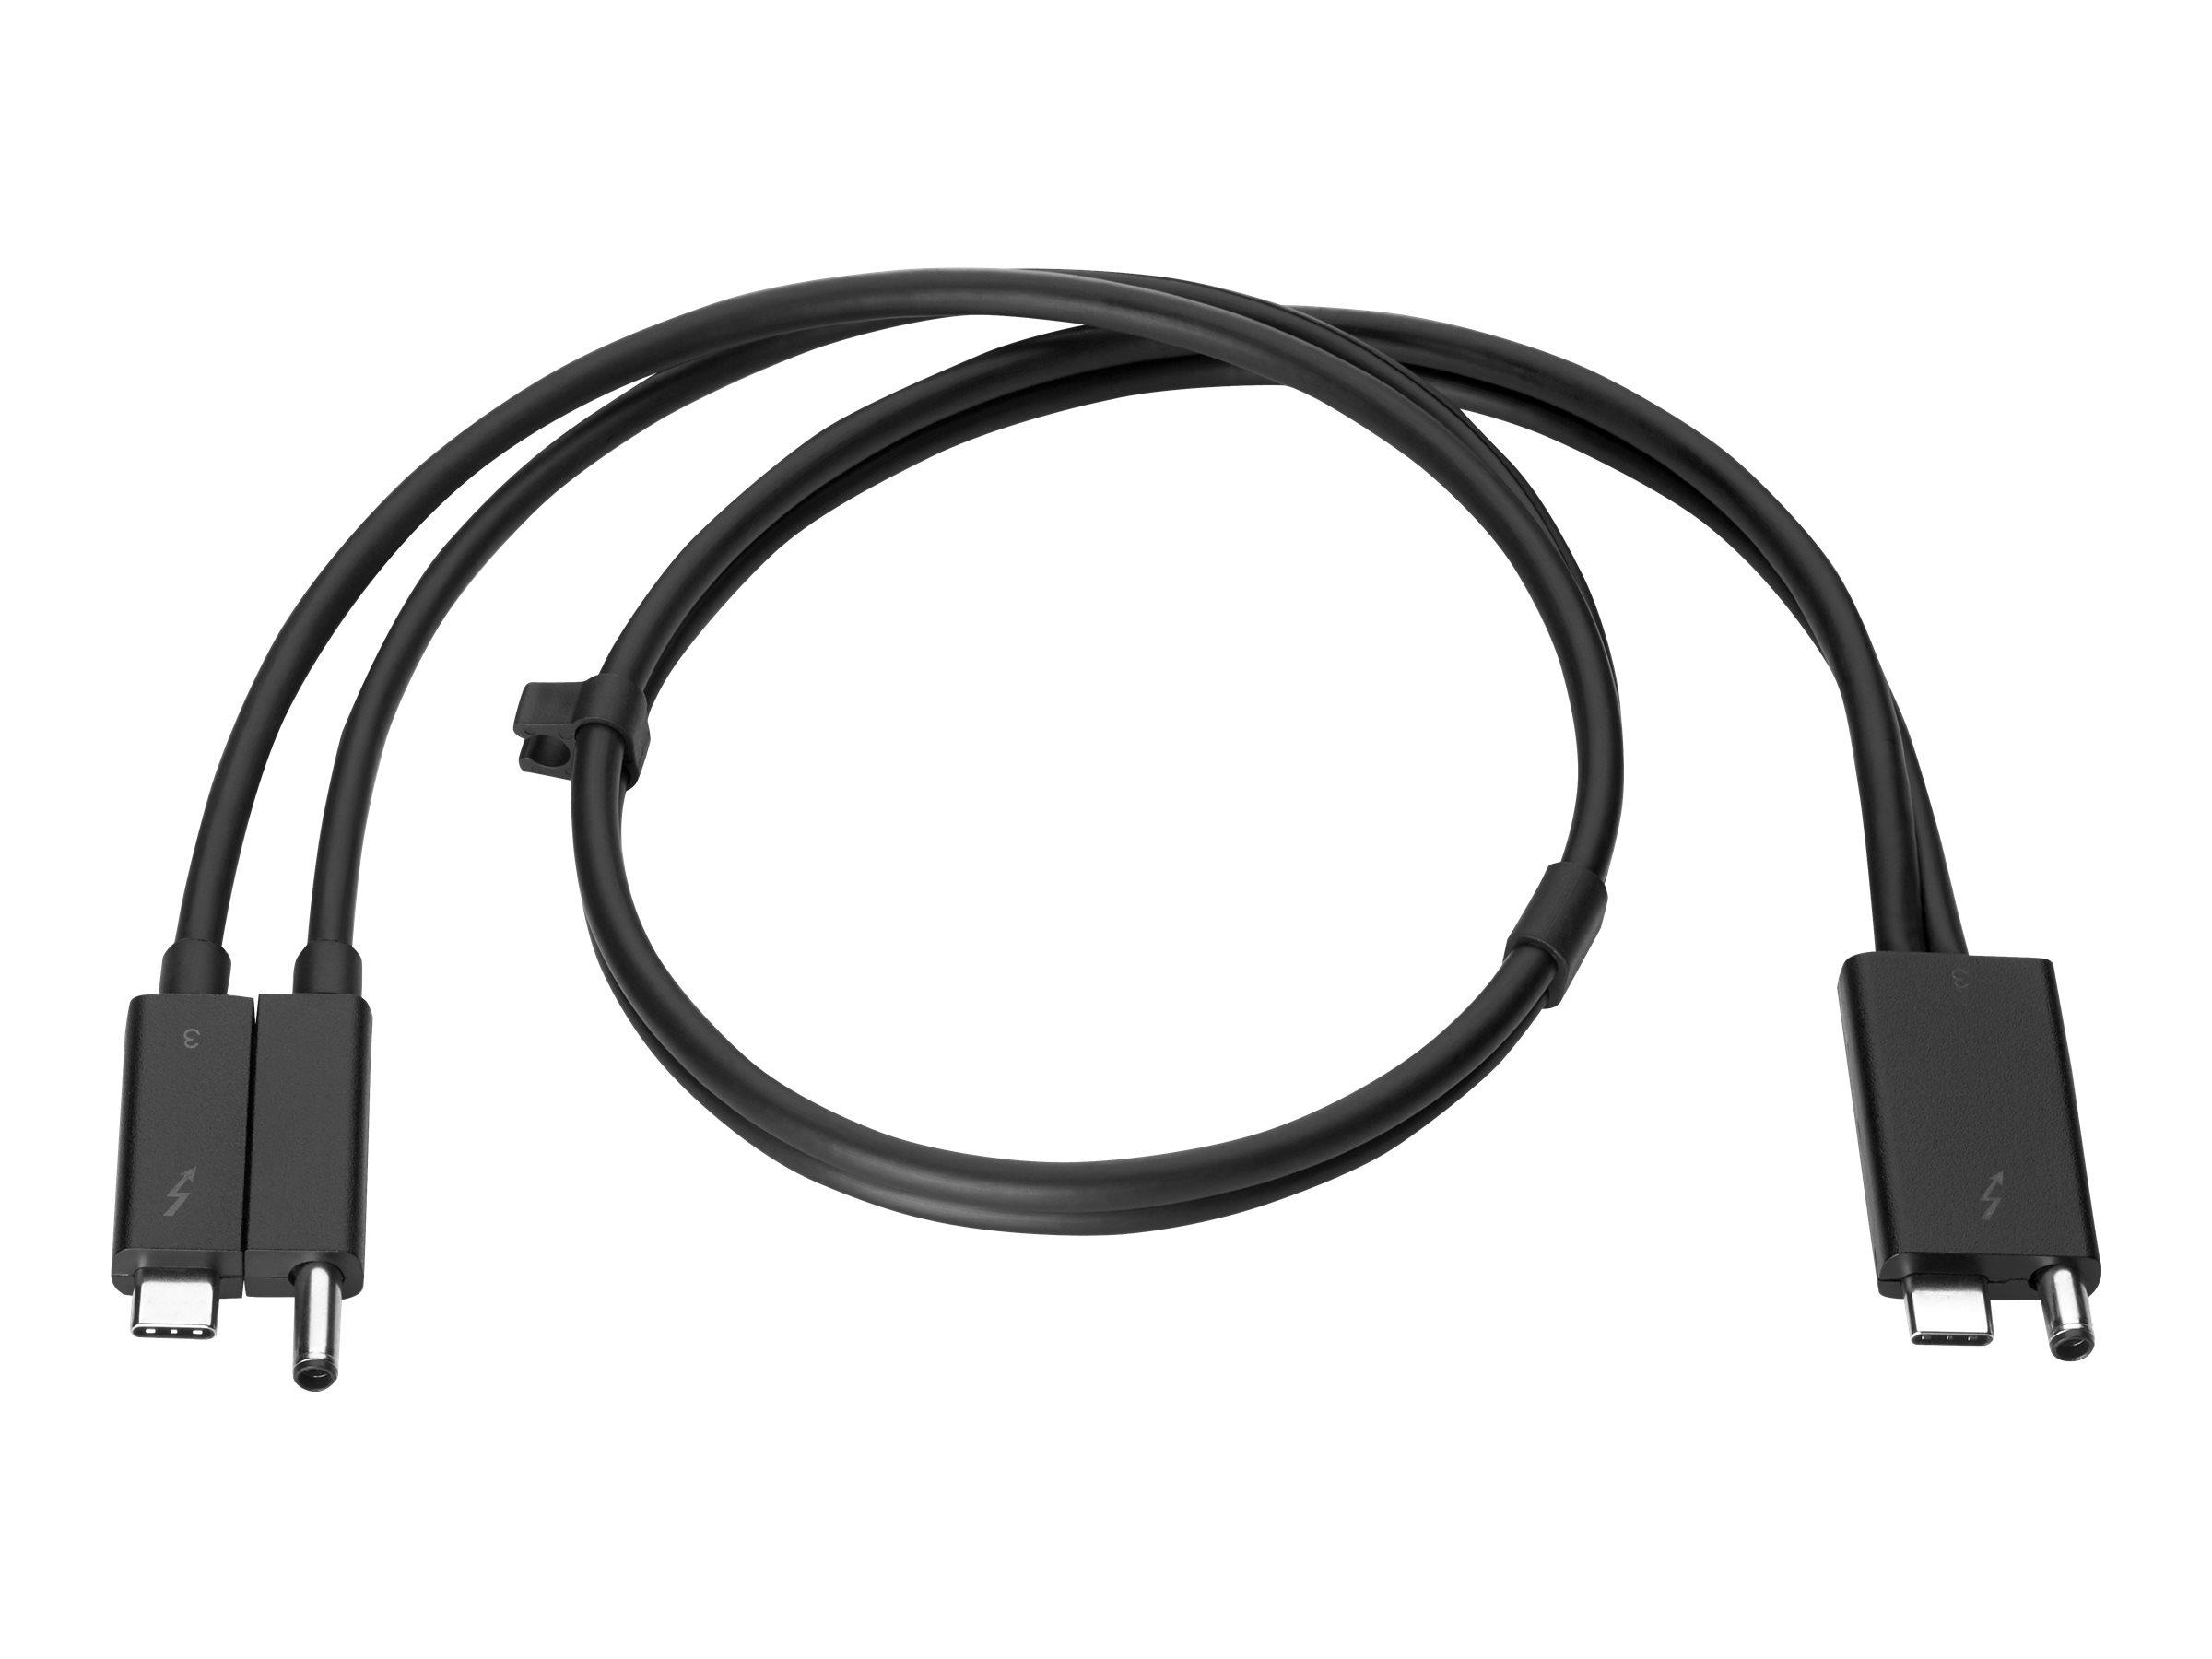 HP Combo - Thunderbolt-Kabel - 70 cm - Schwarz - für EliteBook x360; Mobile Thin Client mt45; ProBook 455r G6; ZBook 15 G6, 17 G